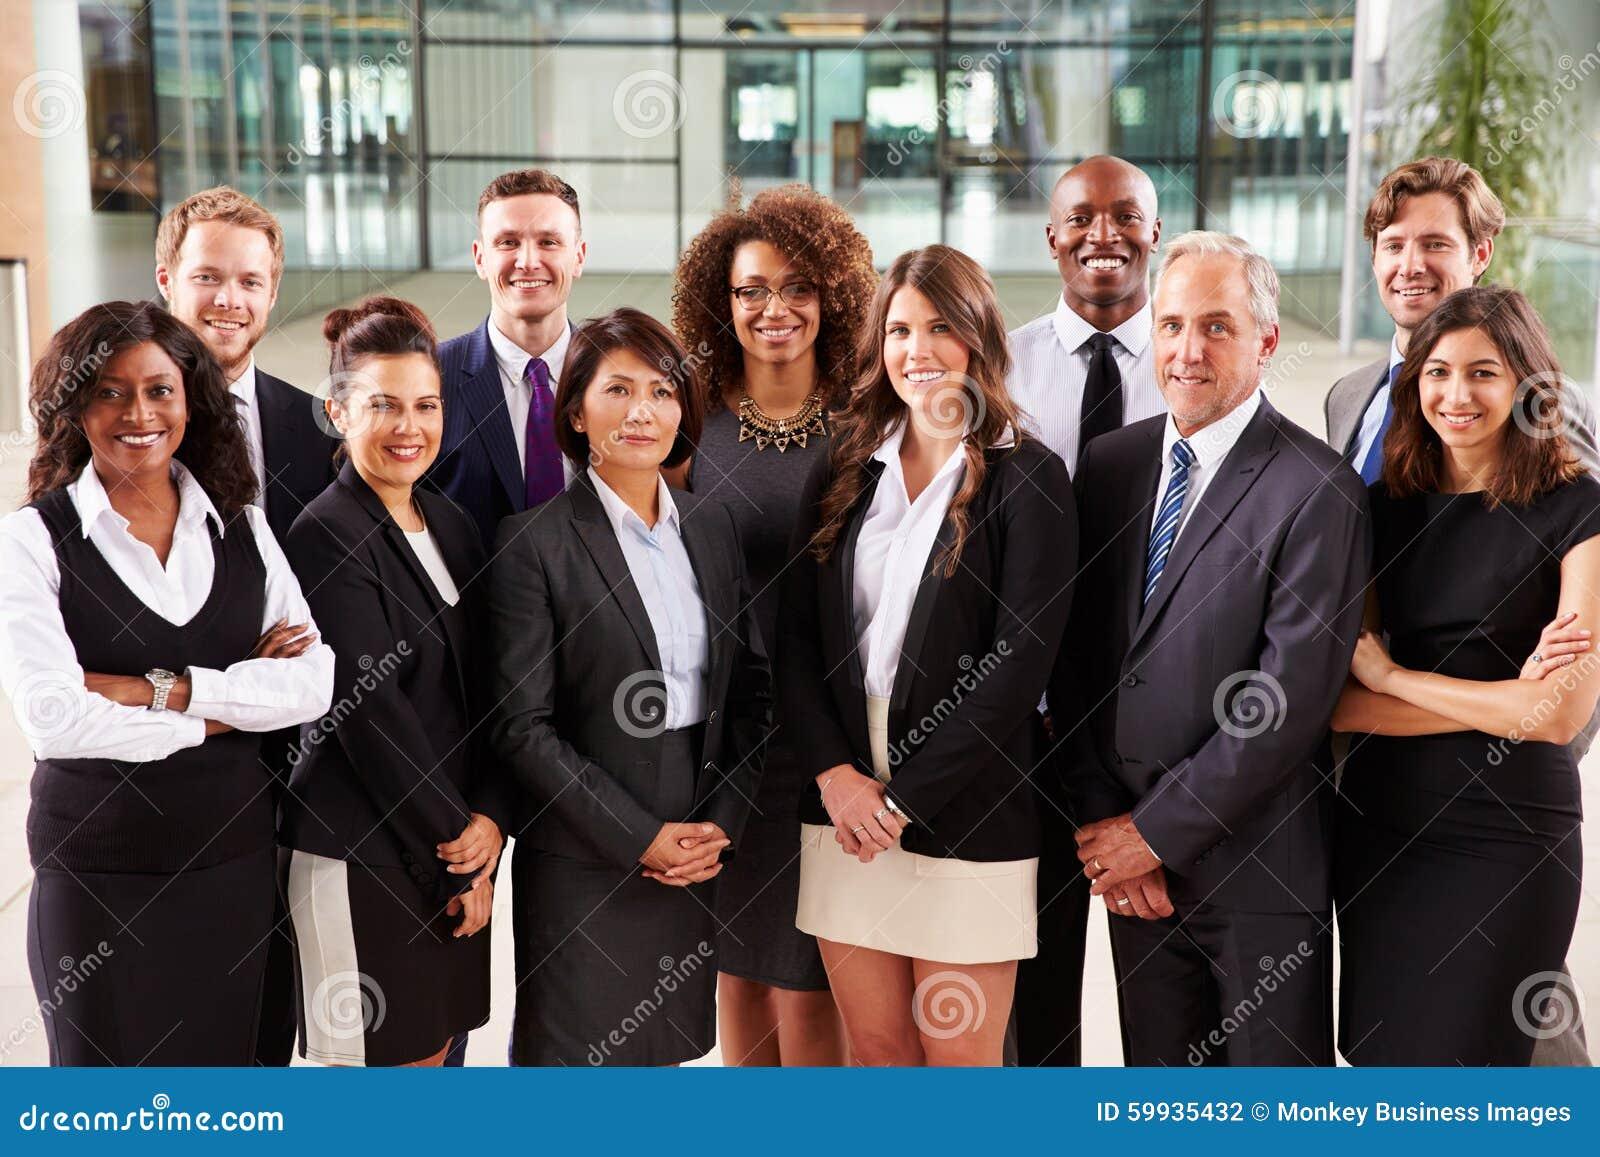 Het glimlachen groepsportret van collectieve bedrijfscollega s